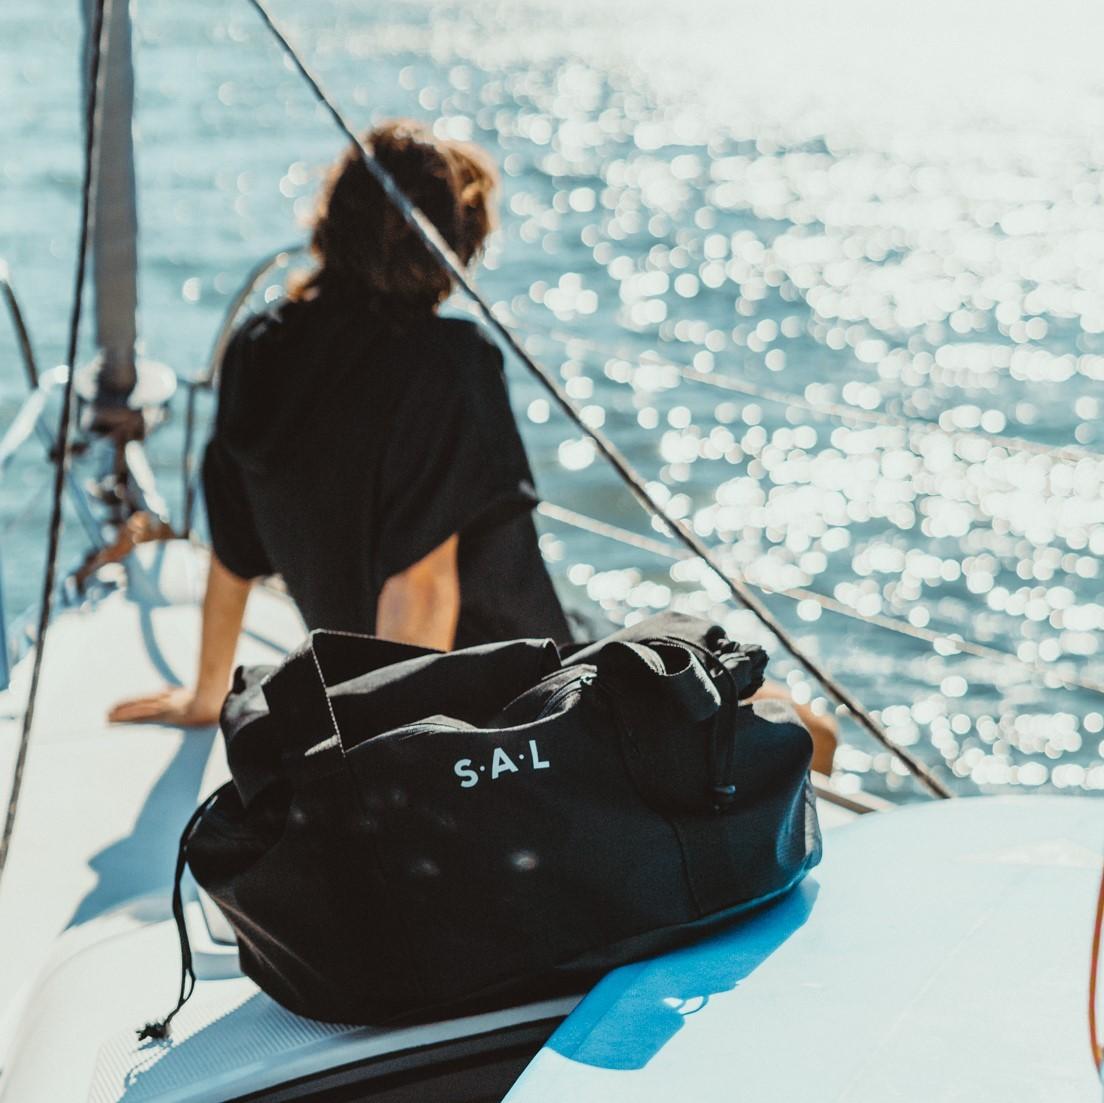 SURF BAG